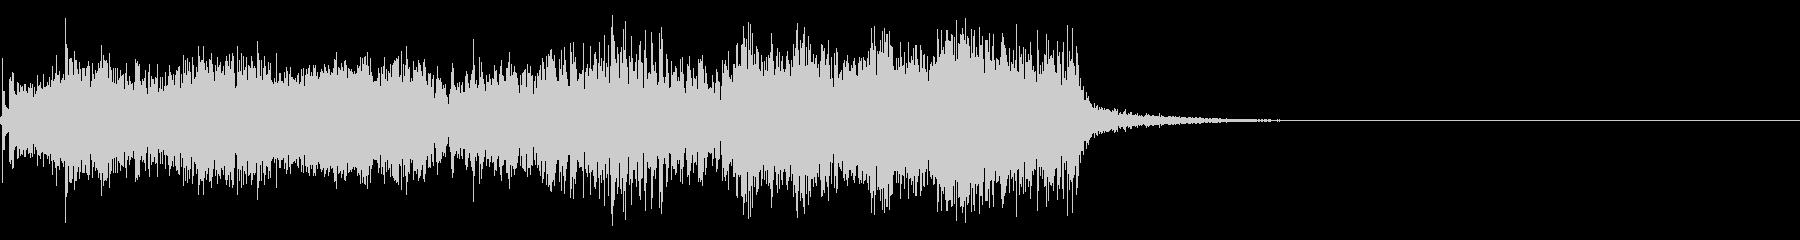 スパーク音-20の未再生の波形